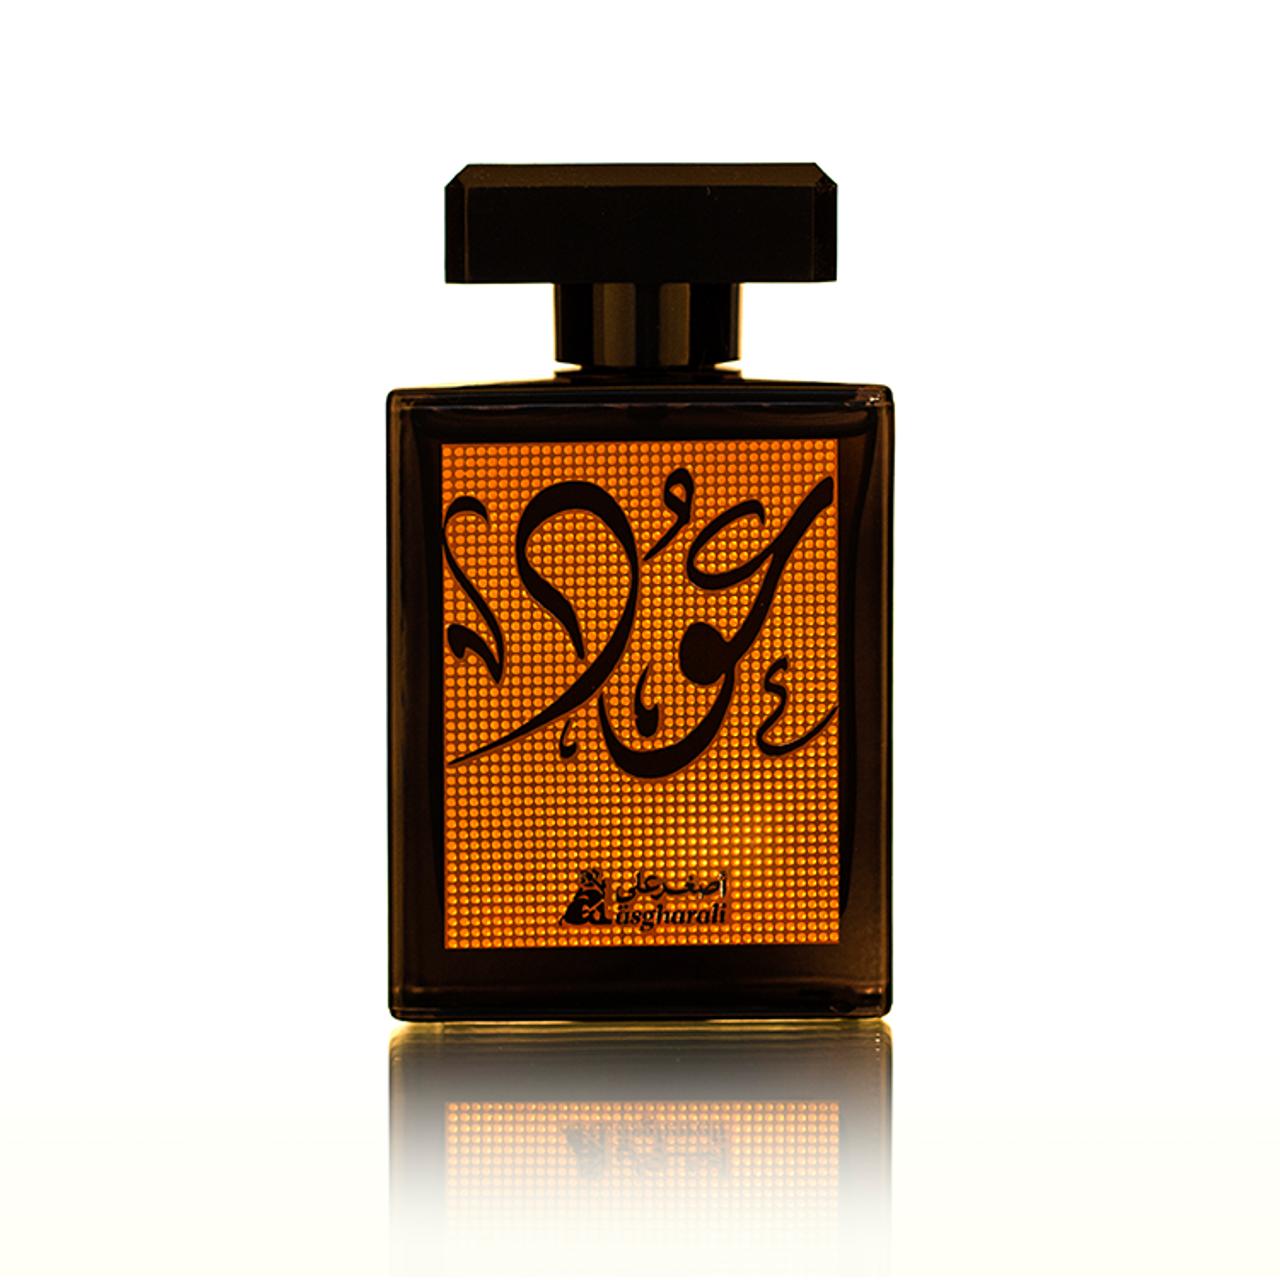 d2c9b2916 Exotic Oud Spray Perfume 100ML by AsgharAli - AttarMist.com